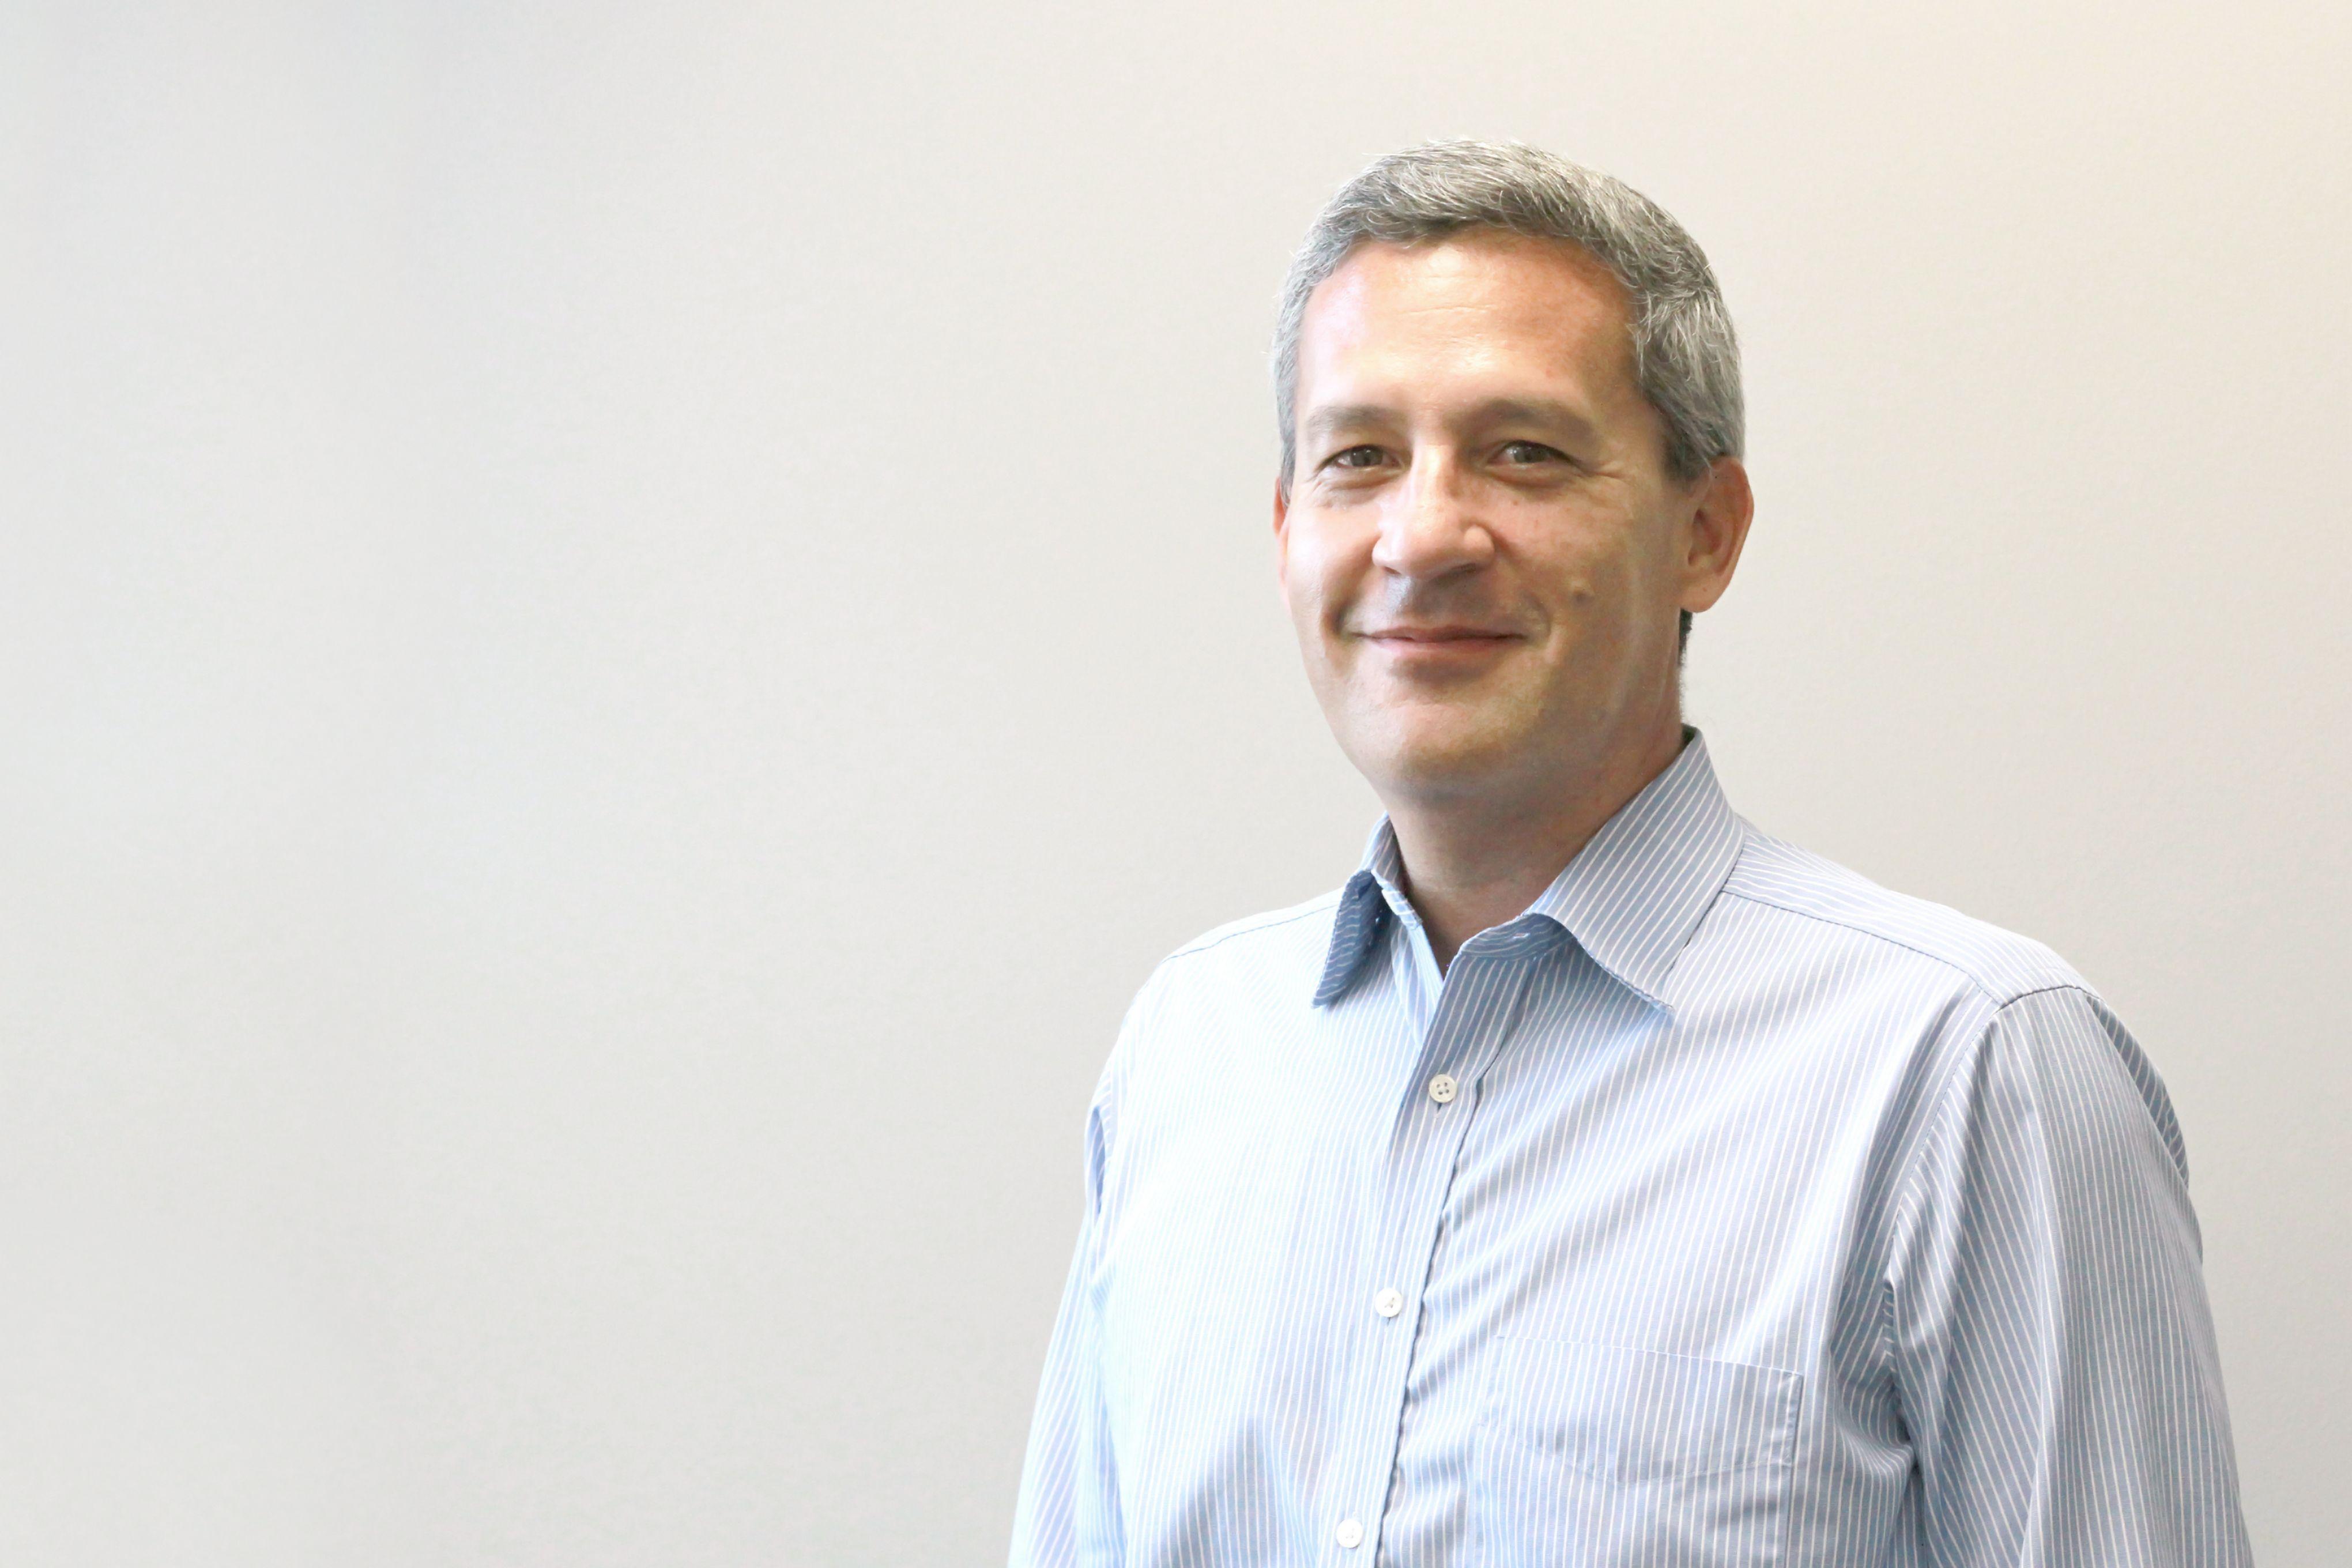 Carlos Castillo - Executive Director